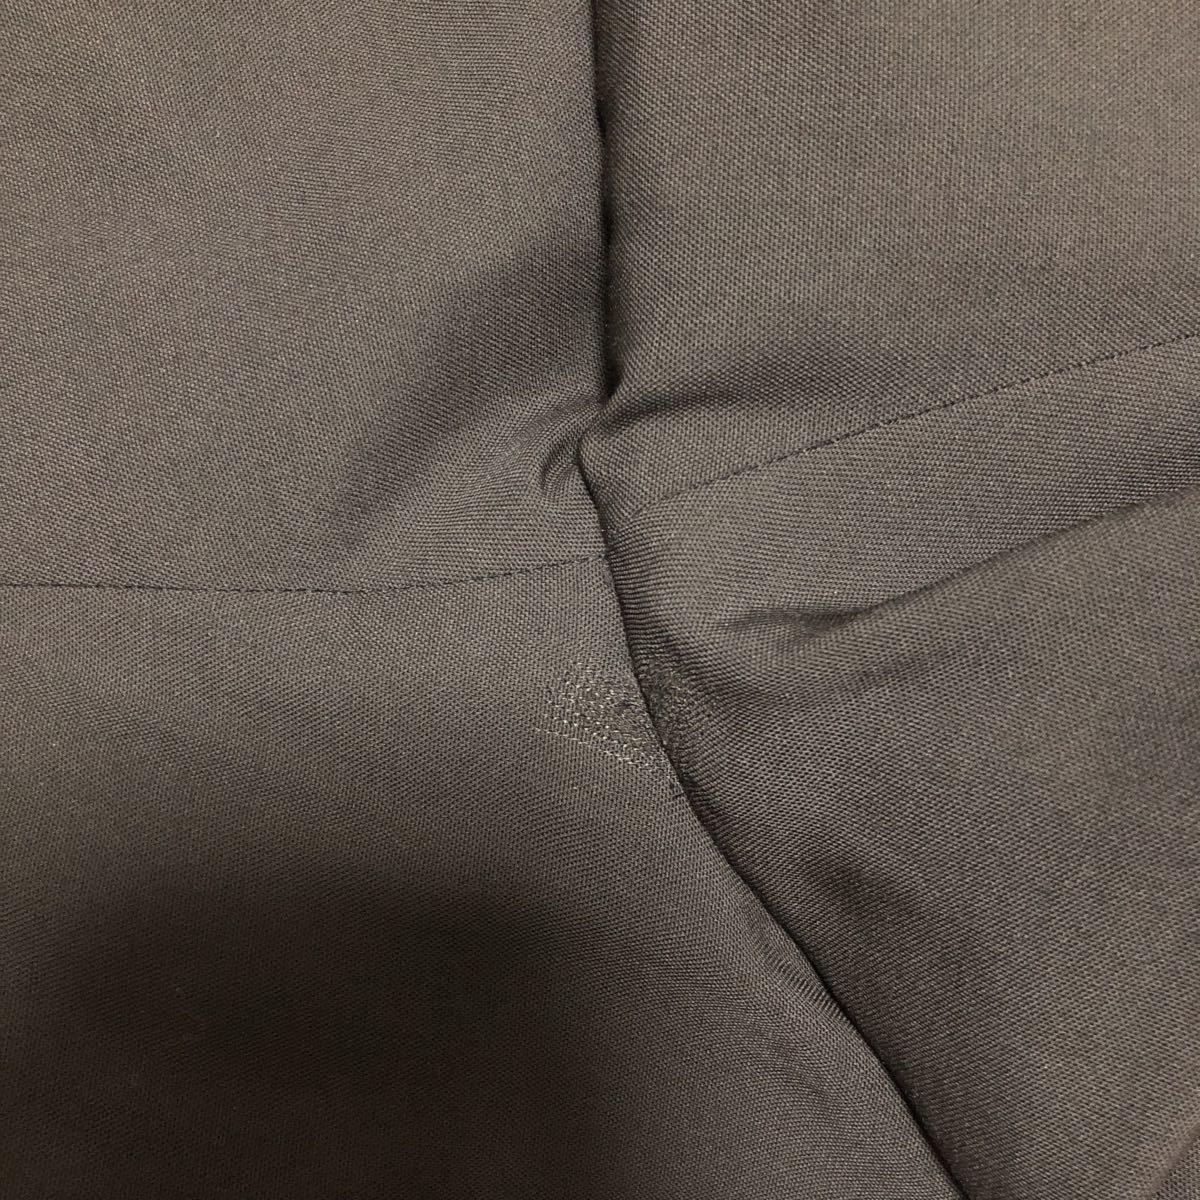 Dior Homme ディオールオム 44【定価総額60万超】スモーキングJK PT ジレ スーツ セットアップ_画像7